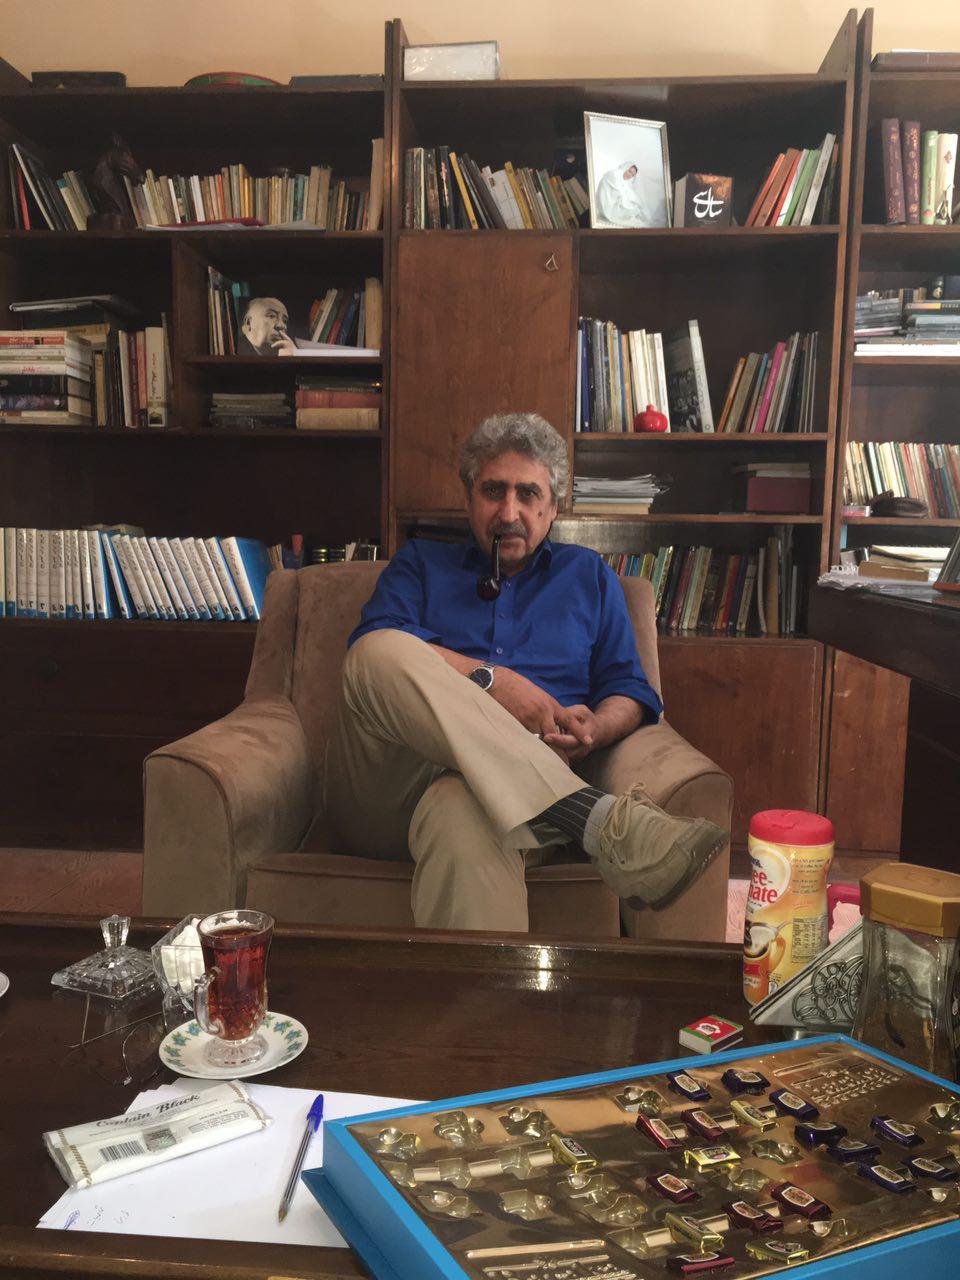 کارگردان مطرح سینما: شرایط حساس است، از خردگرایی «روحانی» حمایت کنیم